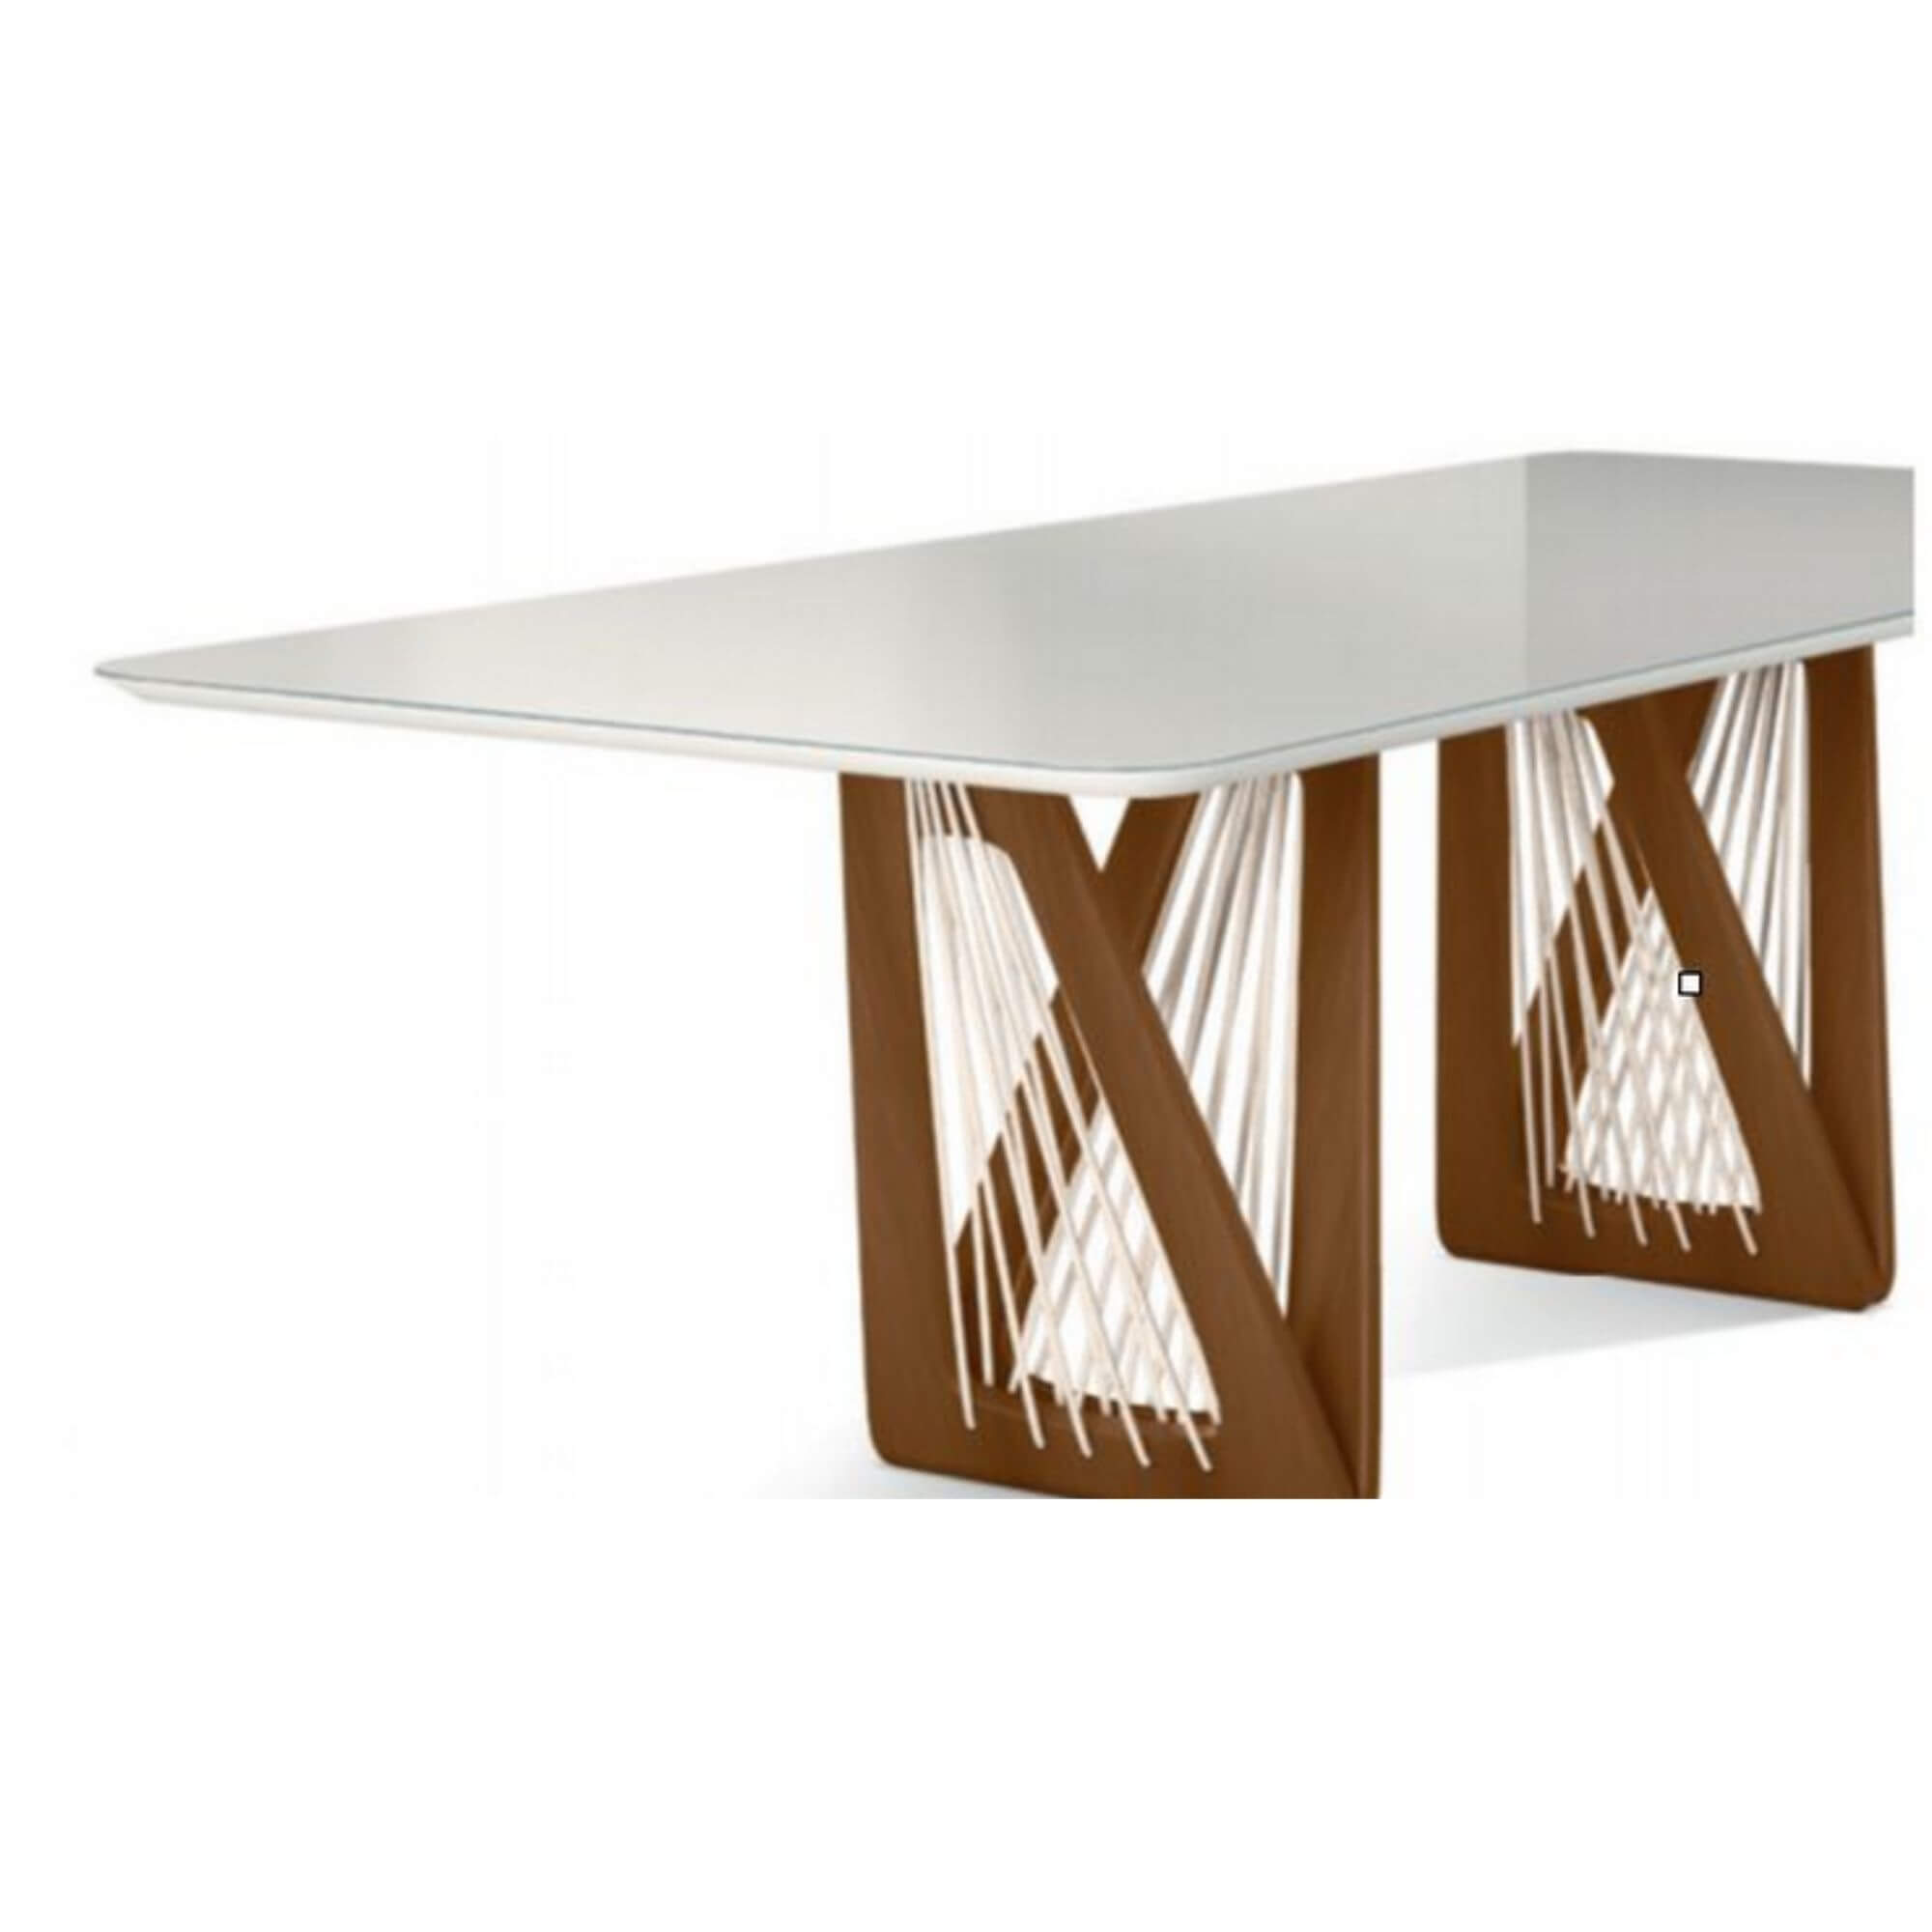 Mesa de Jantar 6 Lugares Califórnia 180 cm x 90 cm  - Formato Móveis e Decorações